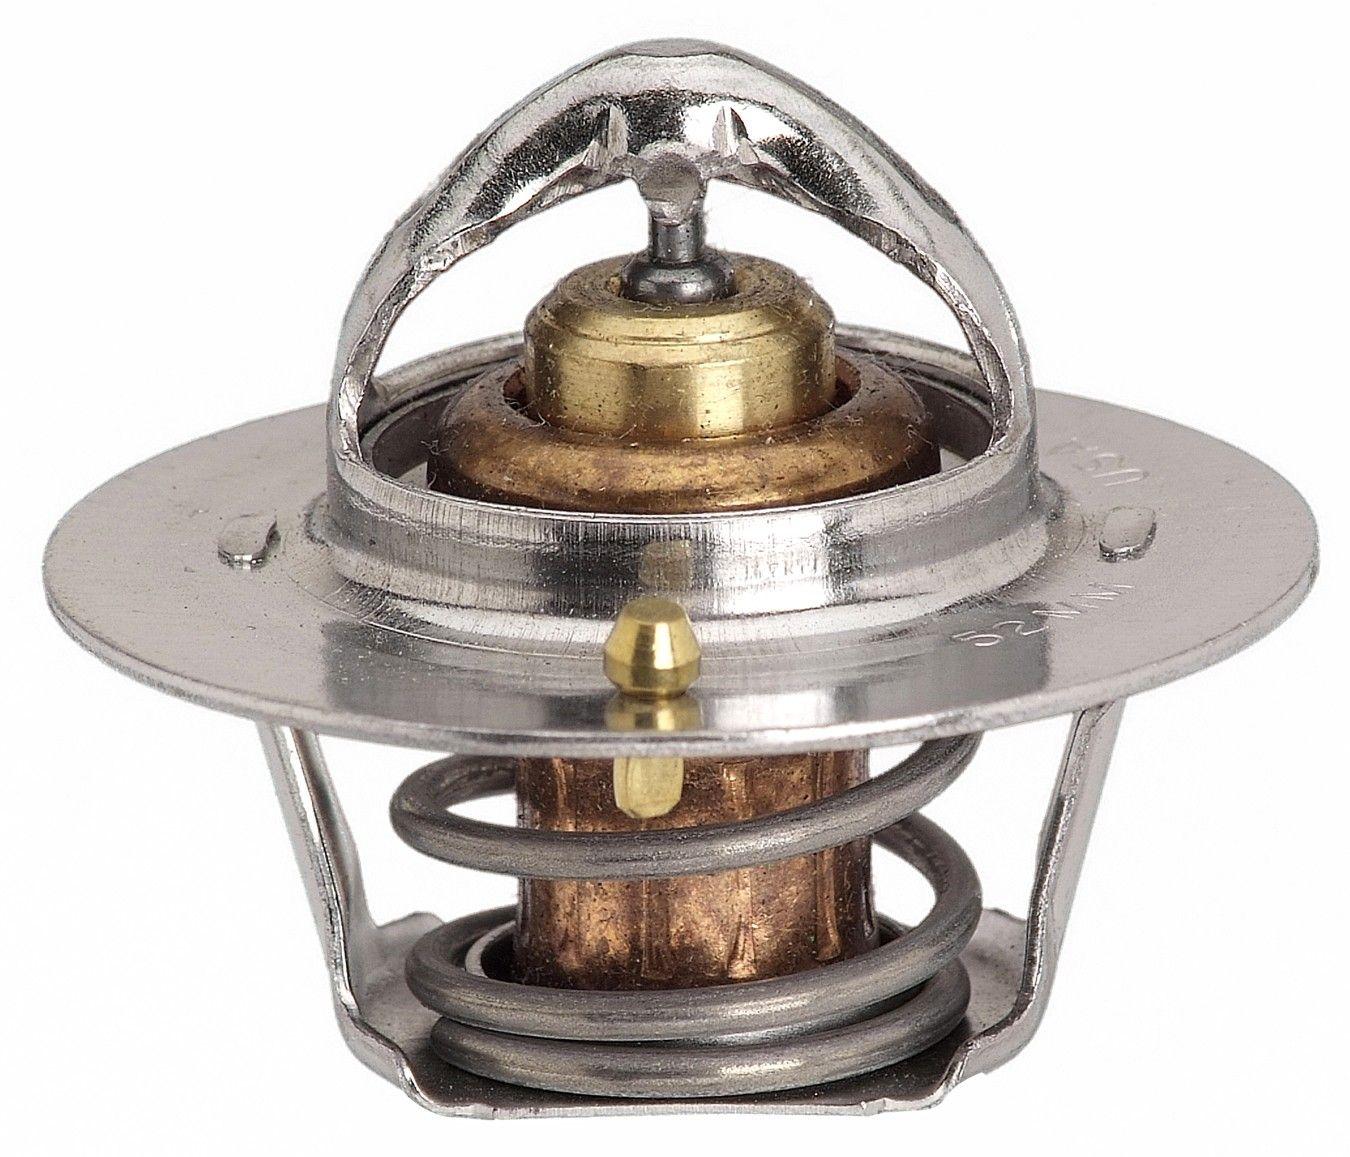 Suzuki SX4 Engine Coolant Thermostat Replacement (Beck Arnley, Gates